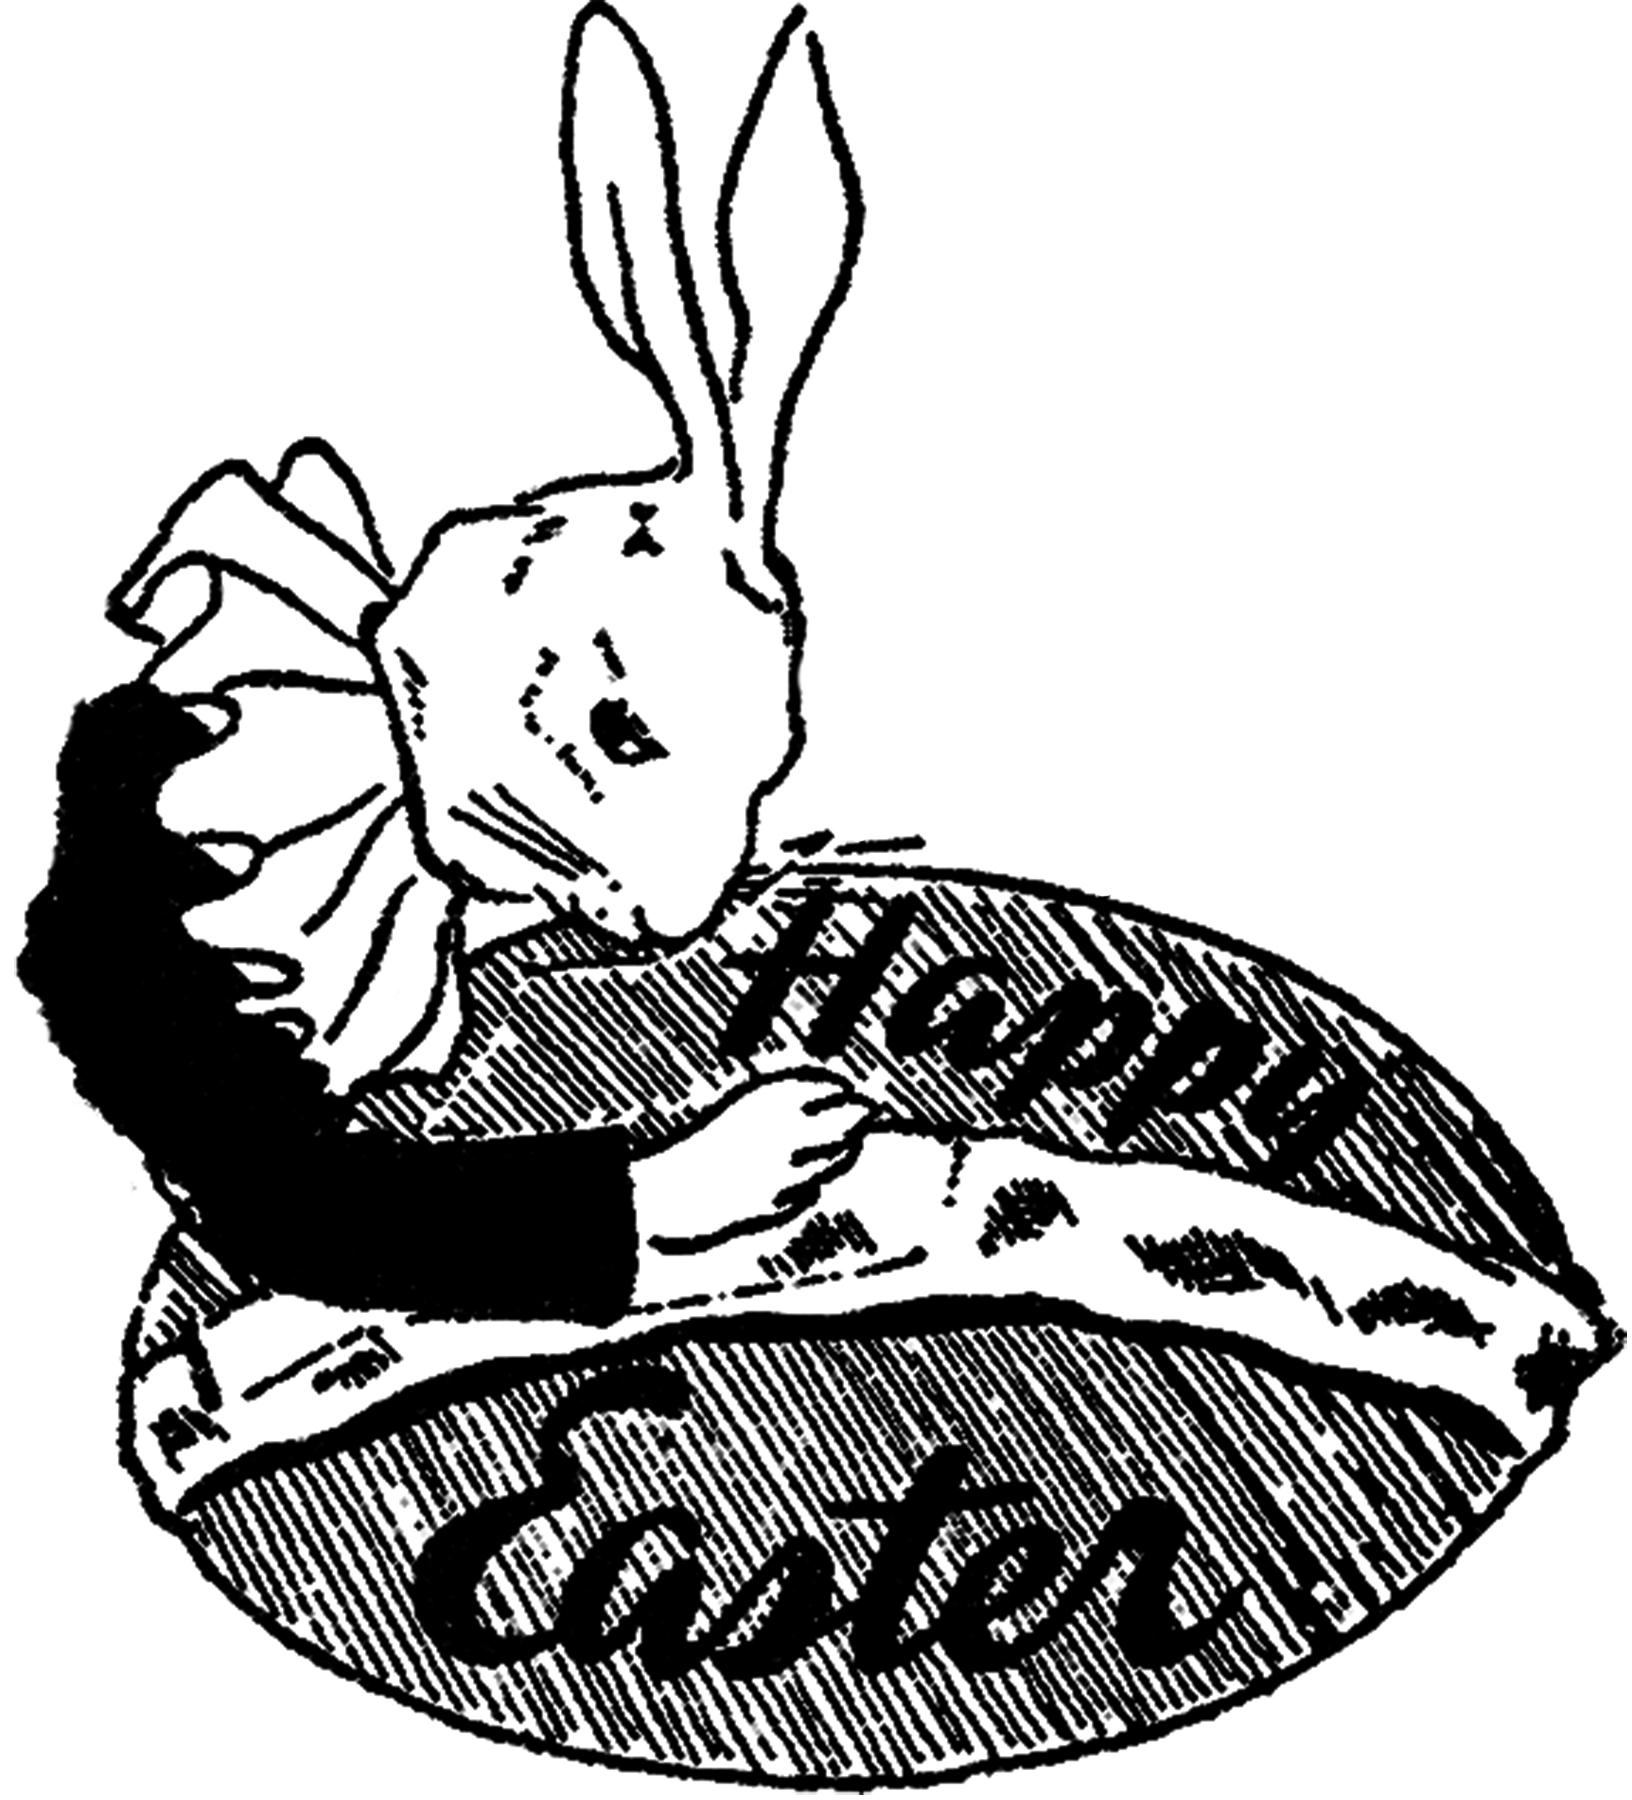 Egg Decorating Image